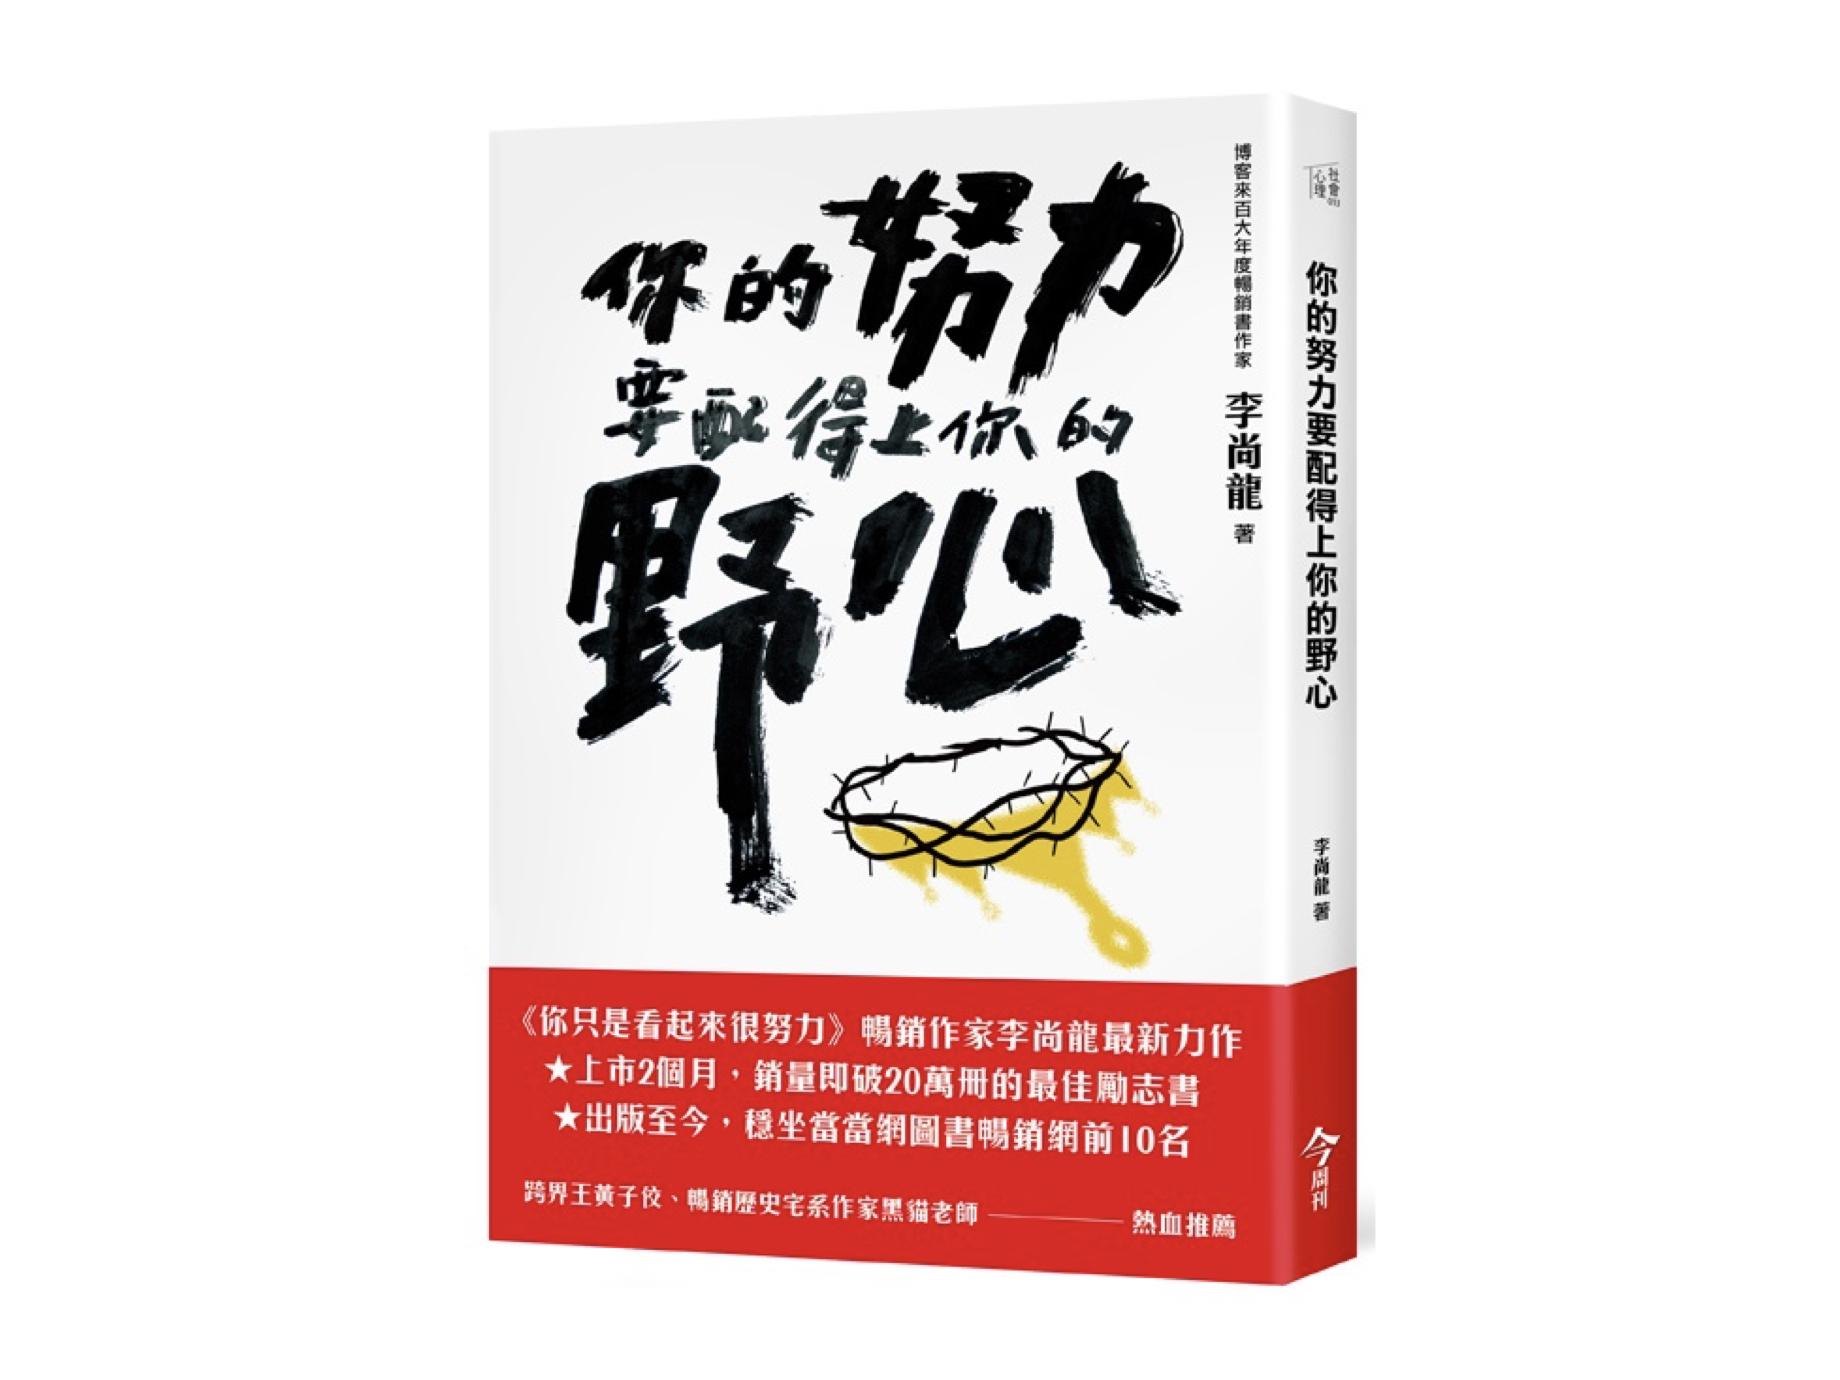 新書搶先看》 你怎麼過一天,就怎麼過一年,你的努力要配得上你的野心